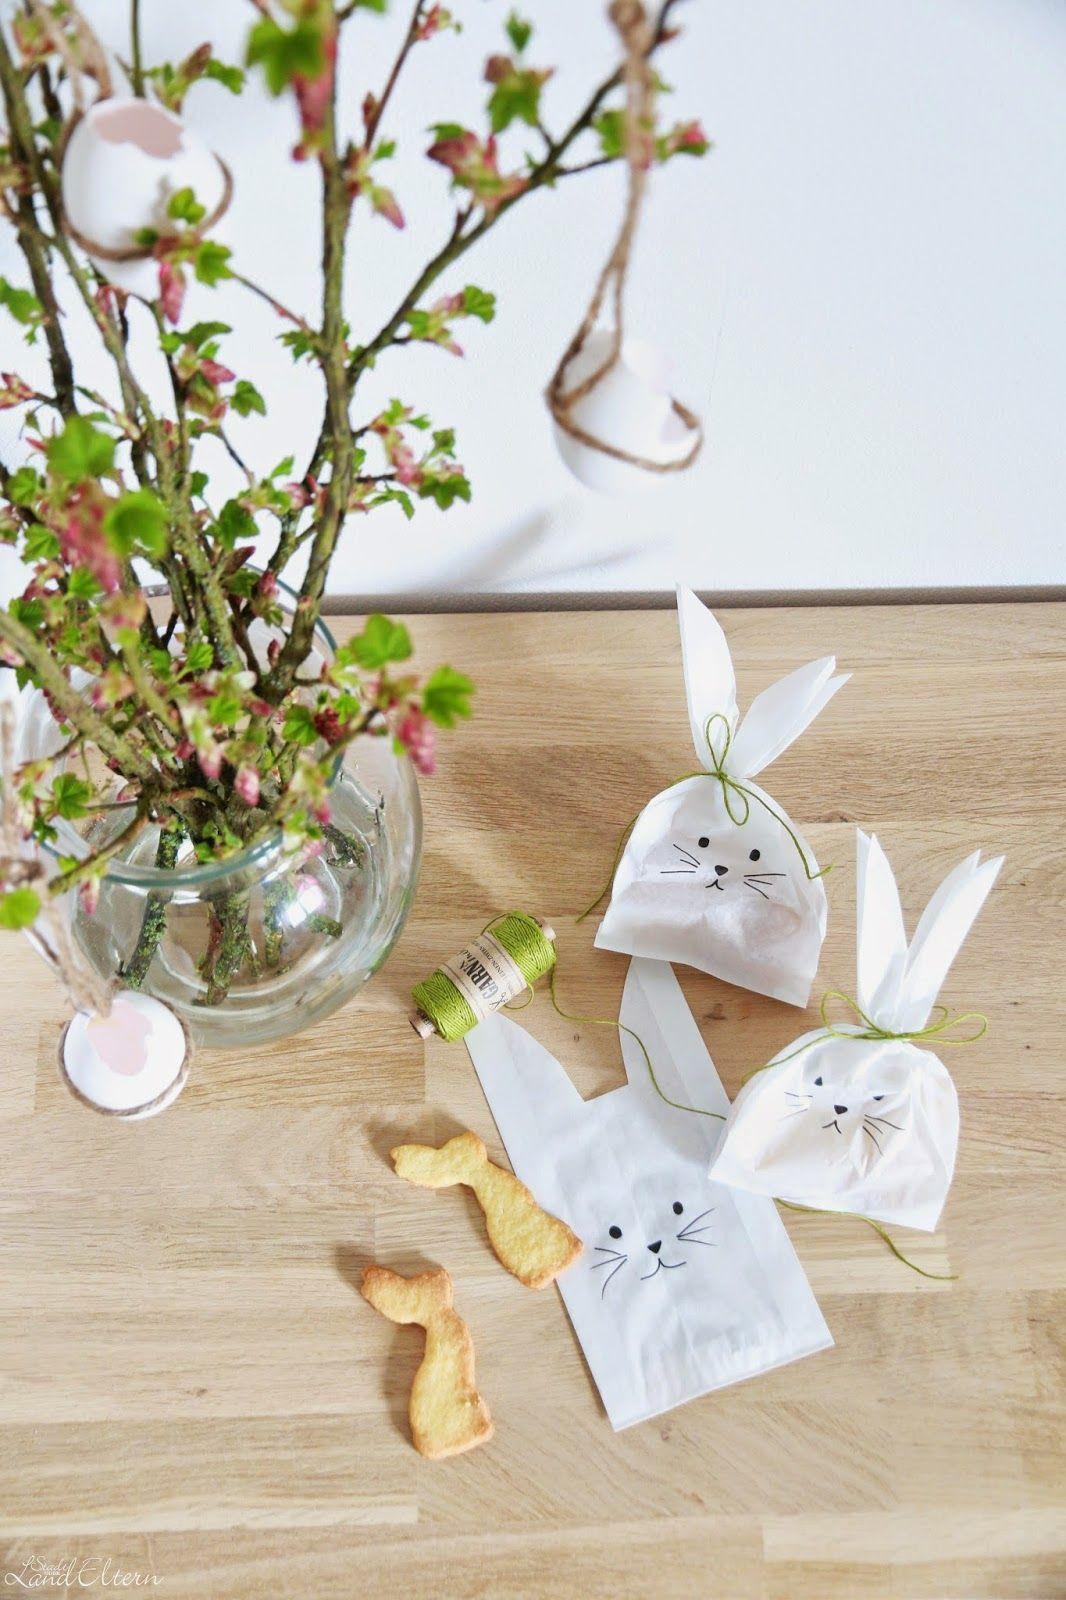 hasensäcklein aus brotpapier selbermachen. eine hübsche geschenkidee